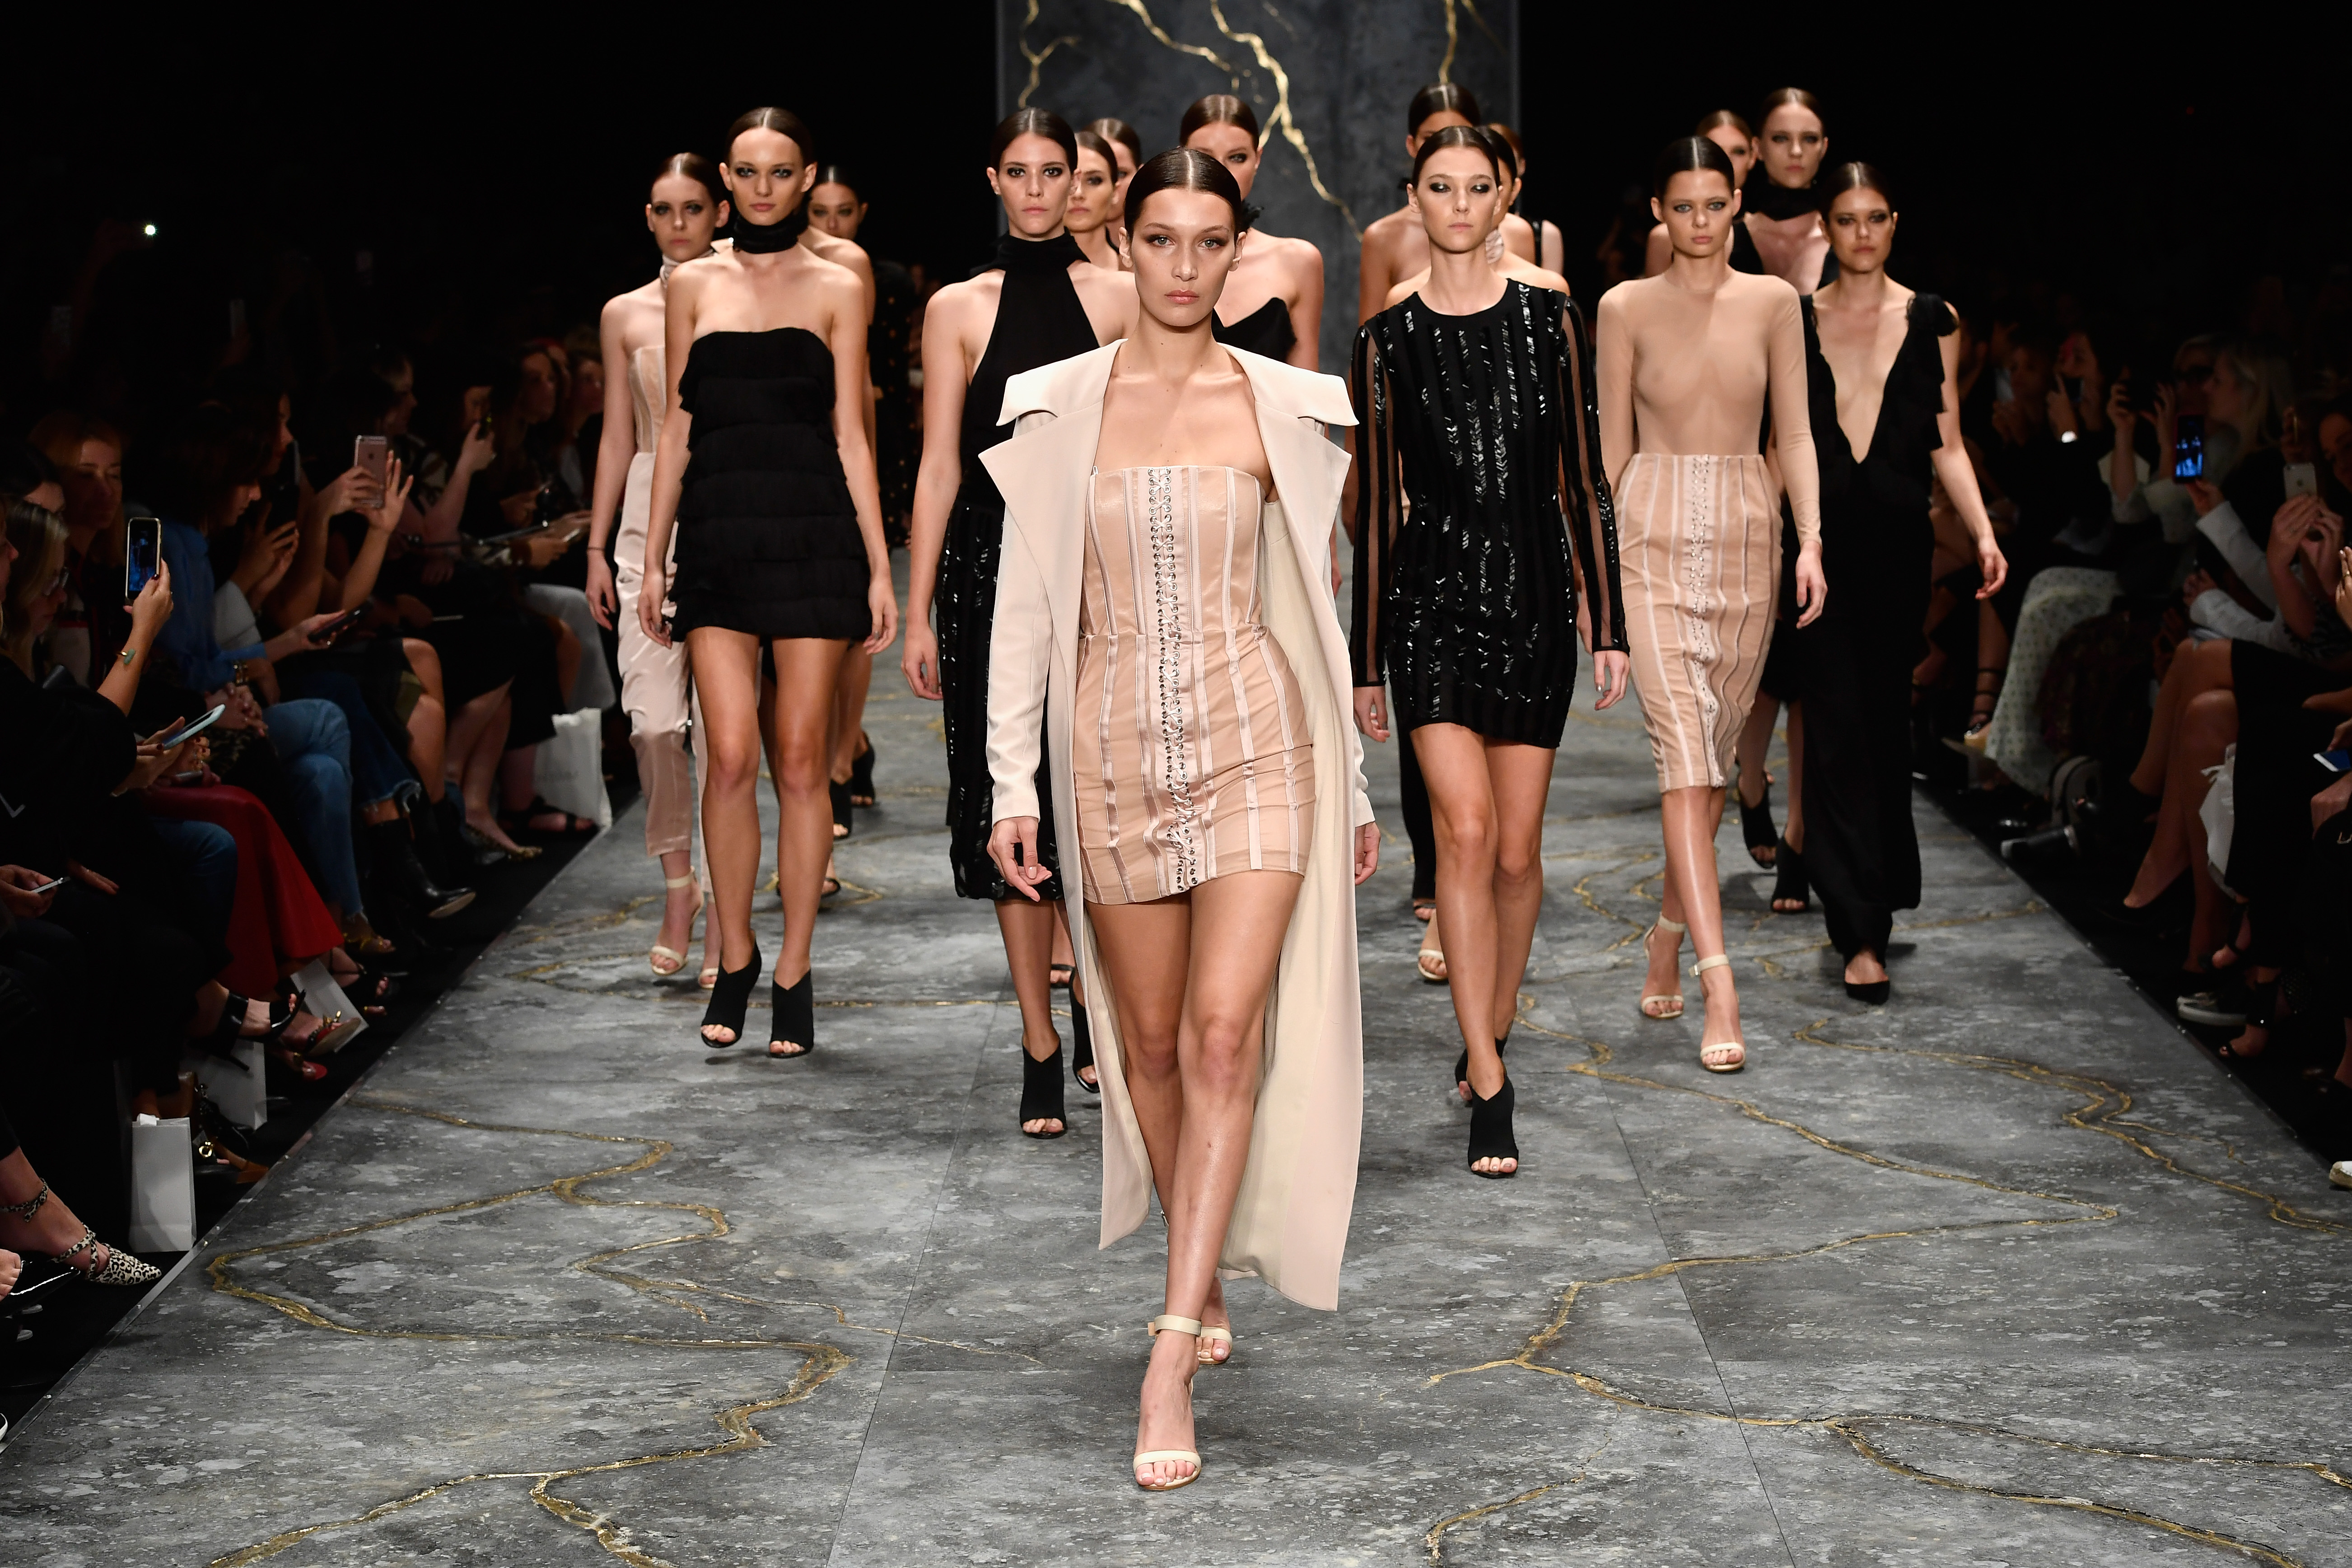 Mercedes benz fashion week sydney 2018 62